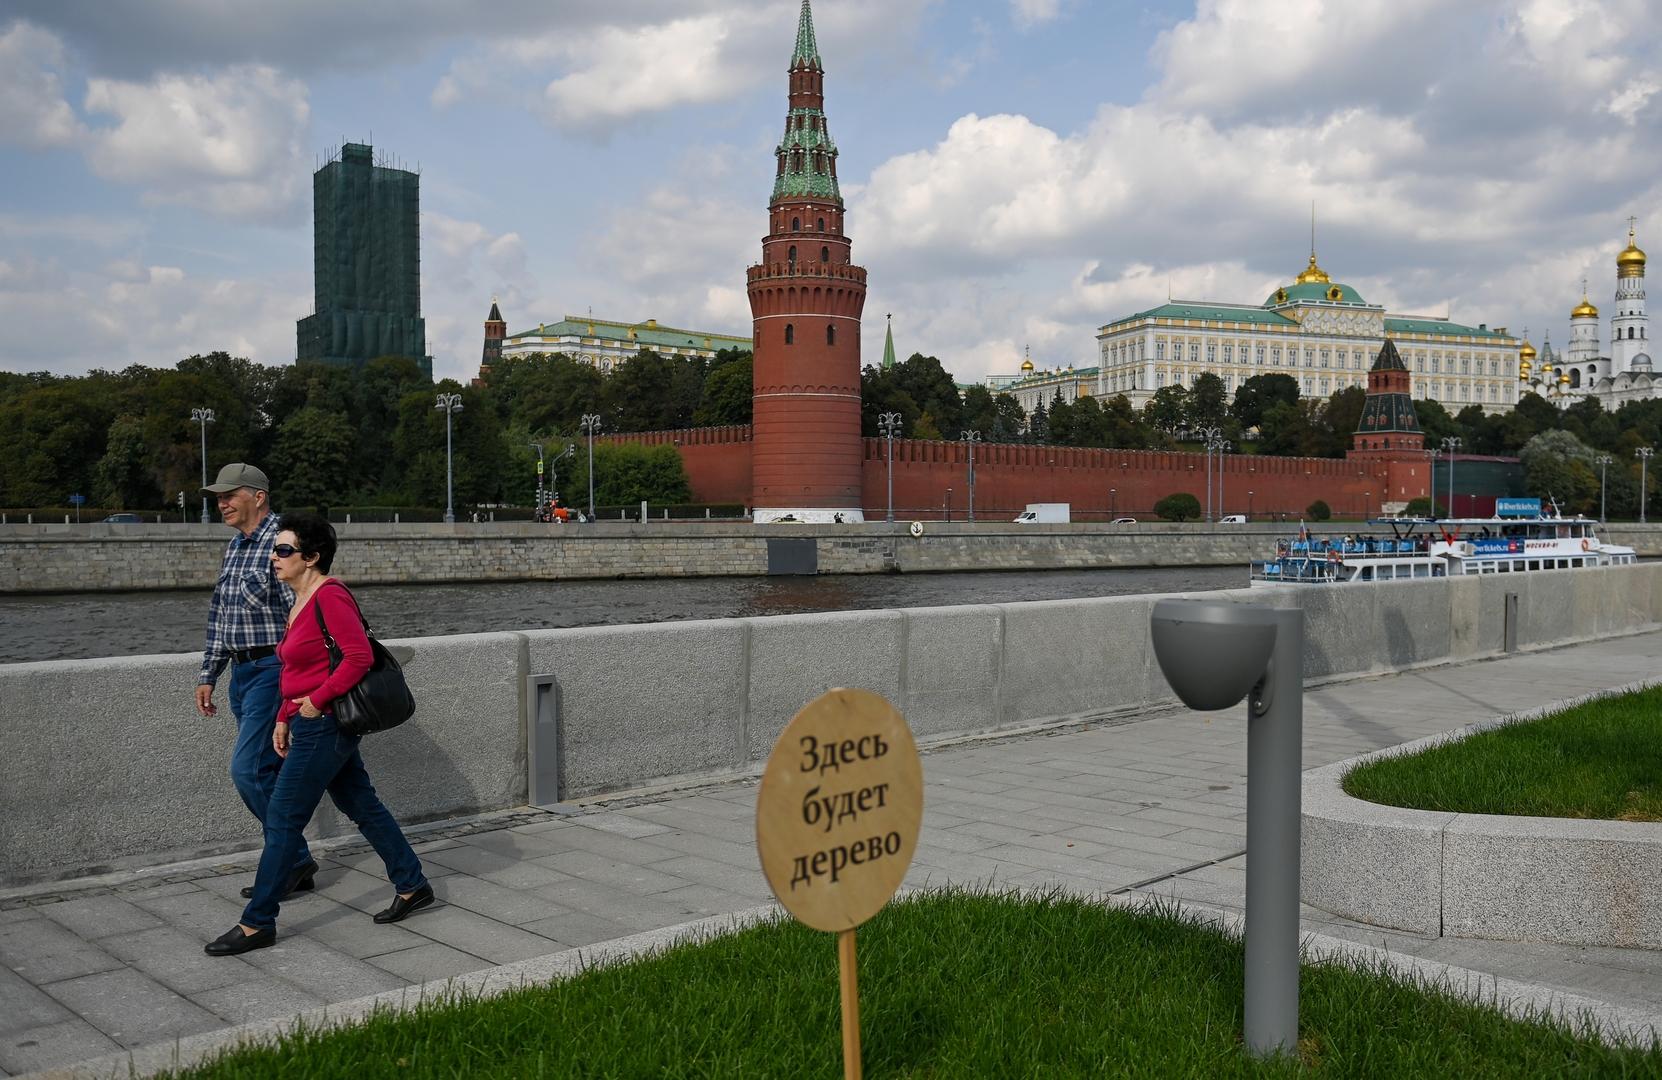 الكرملين: بوتين تلقى دعوة للمشاركة في قمة مكافحة كورونا في الولايات المتحدة